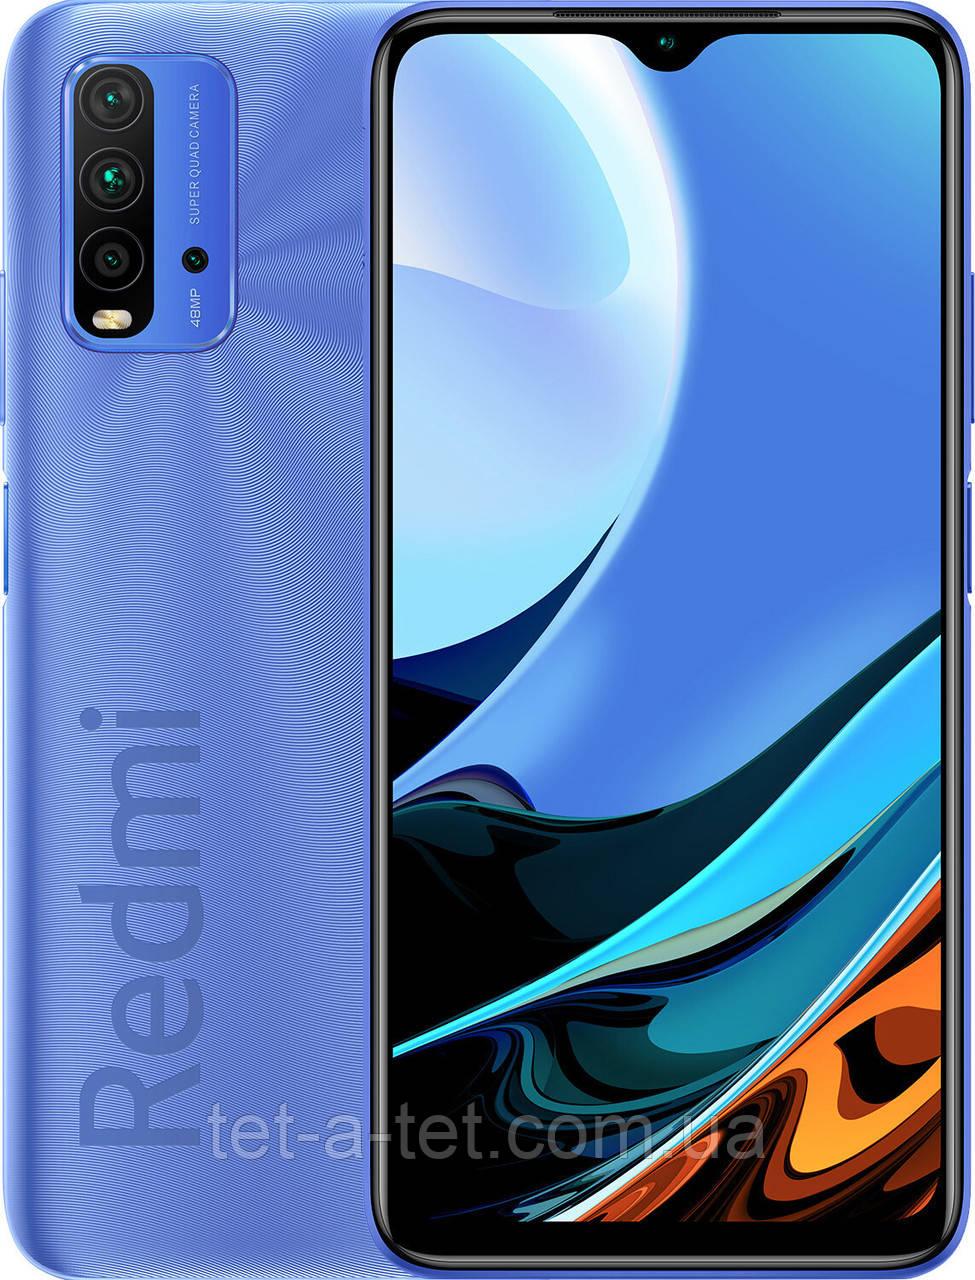 Смартфон Xiaomi Redmi 9T 4/64GB - Синий (Twilight Blue). Официальный/Гарантия 1 год